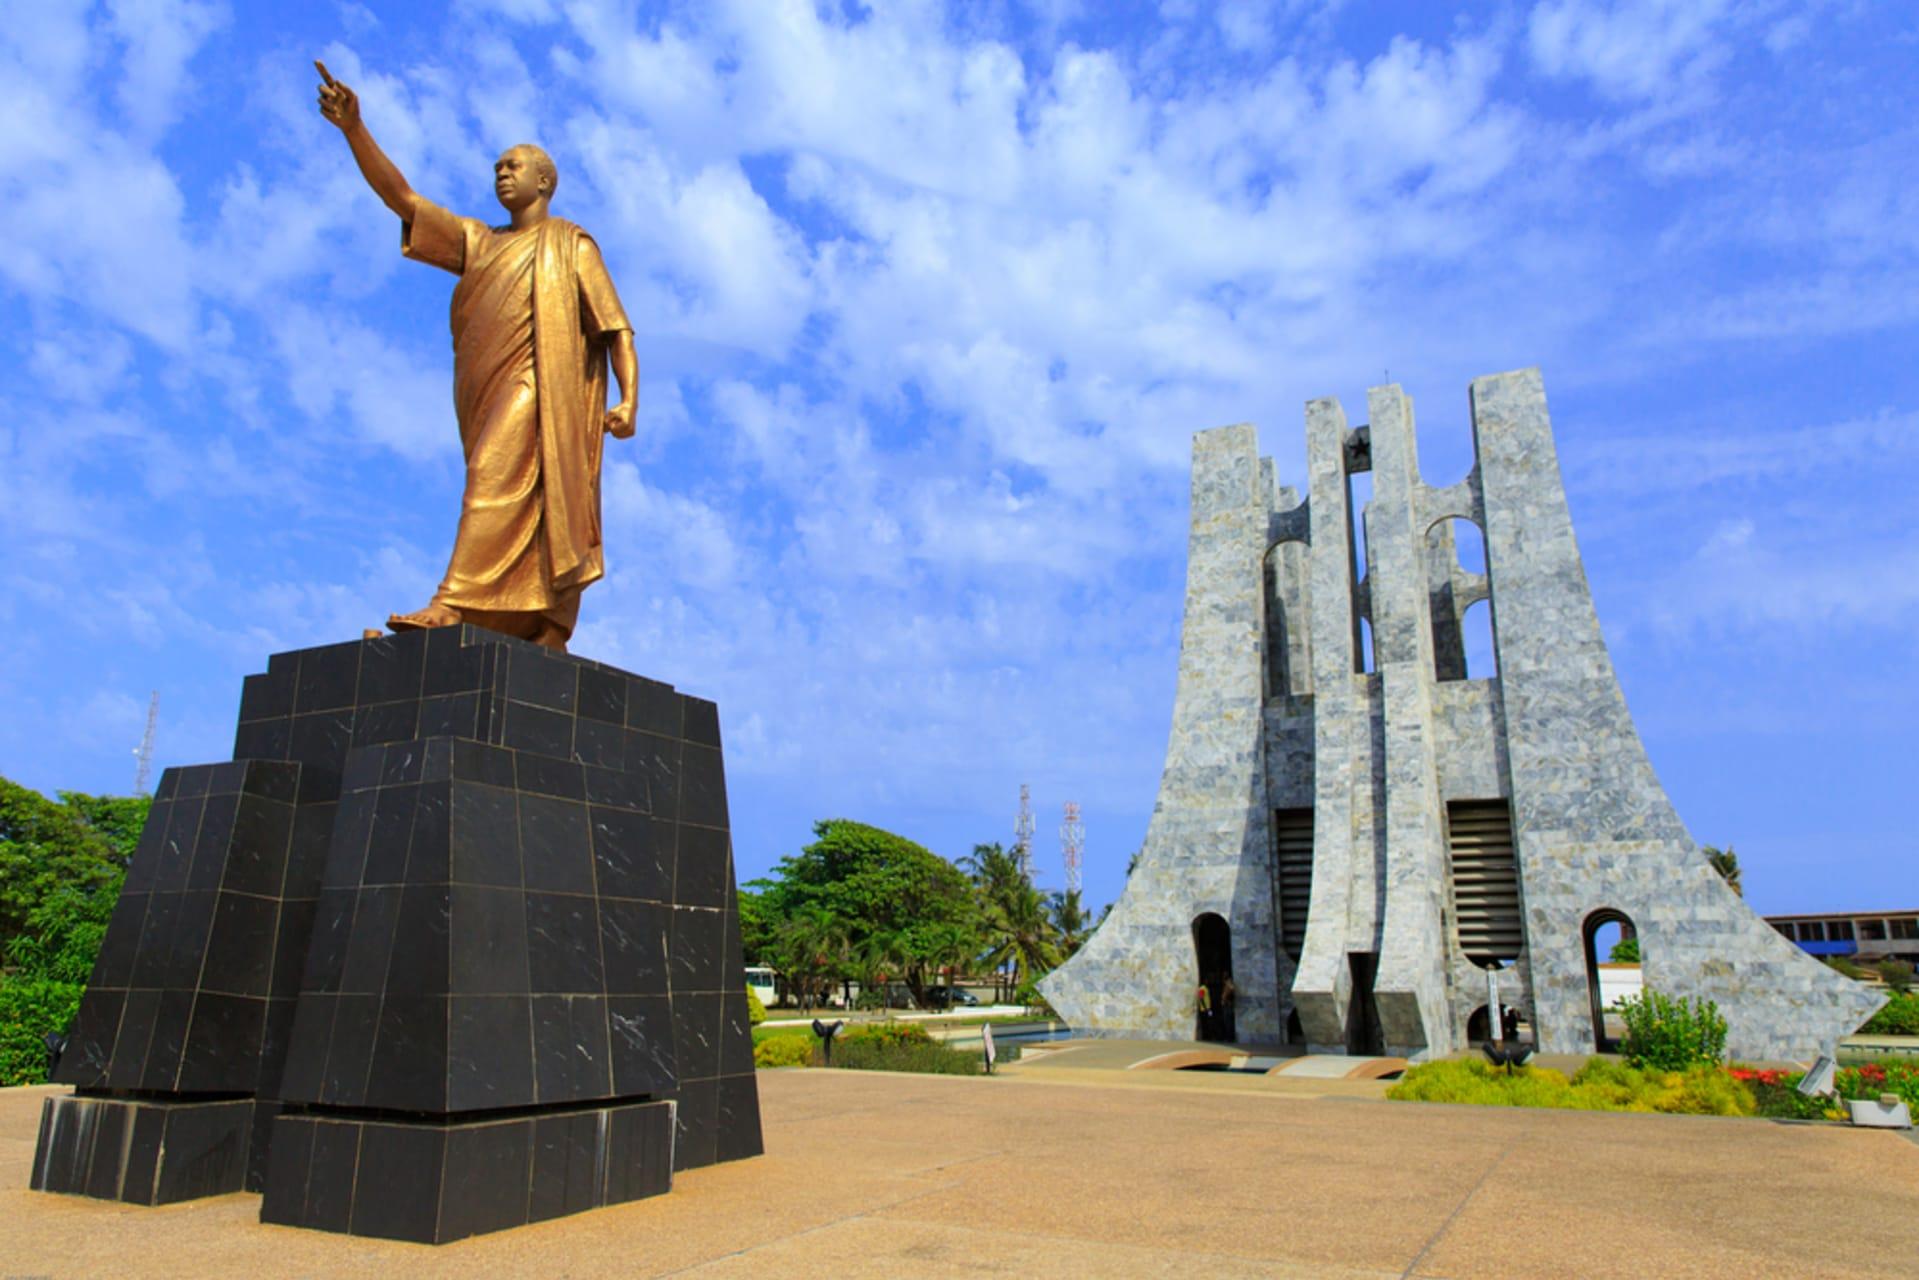 Accra - Kwame Nkrumah Memorial Park in Ghana